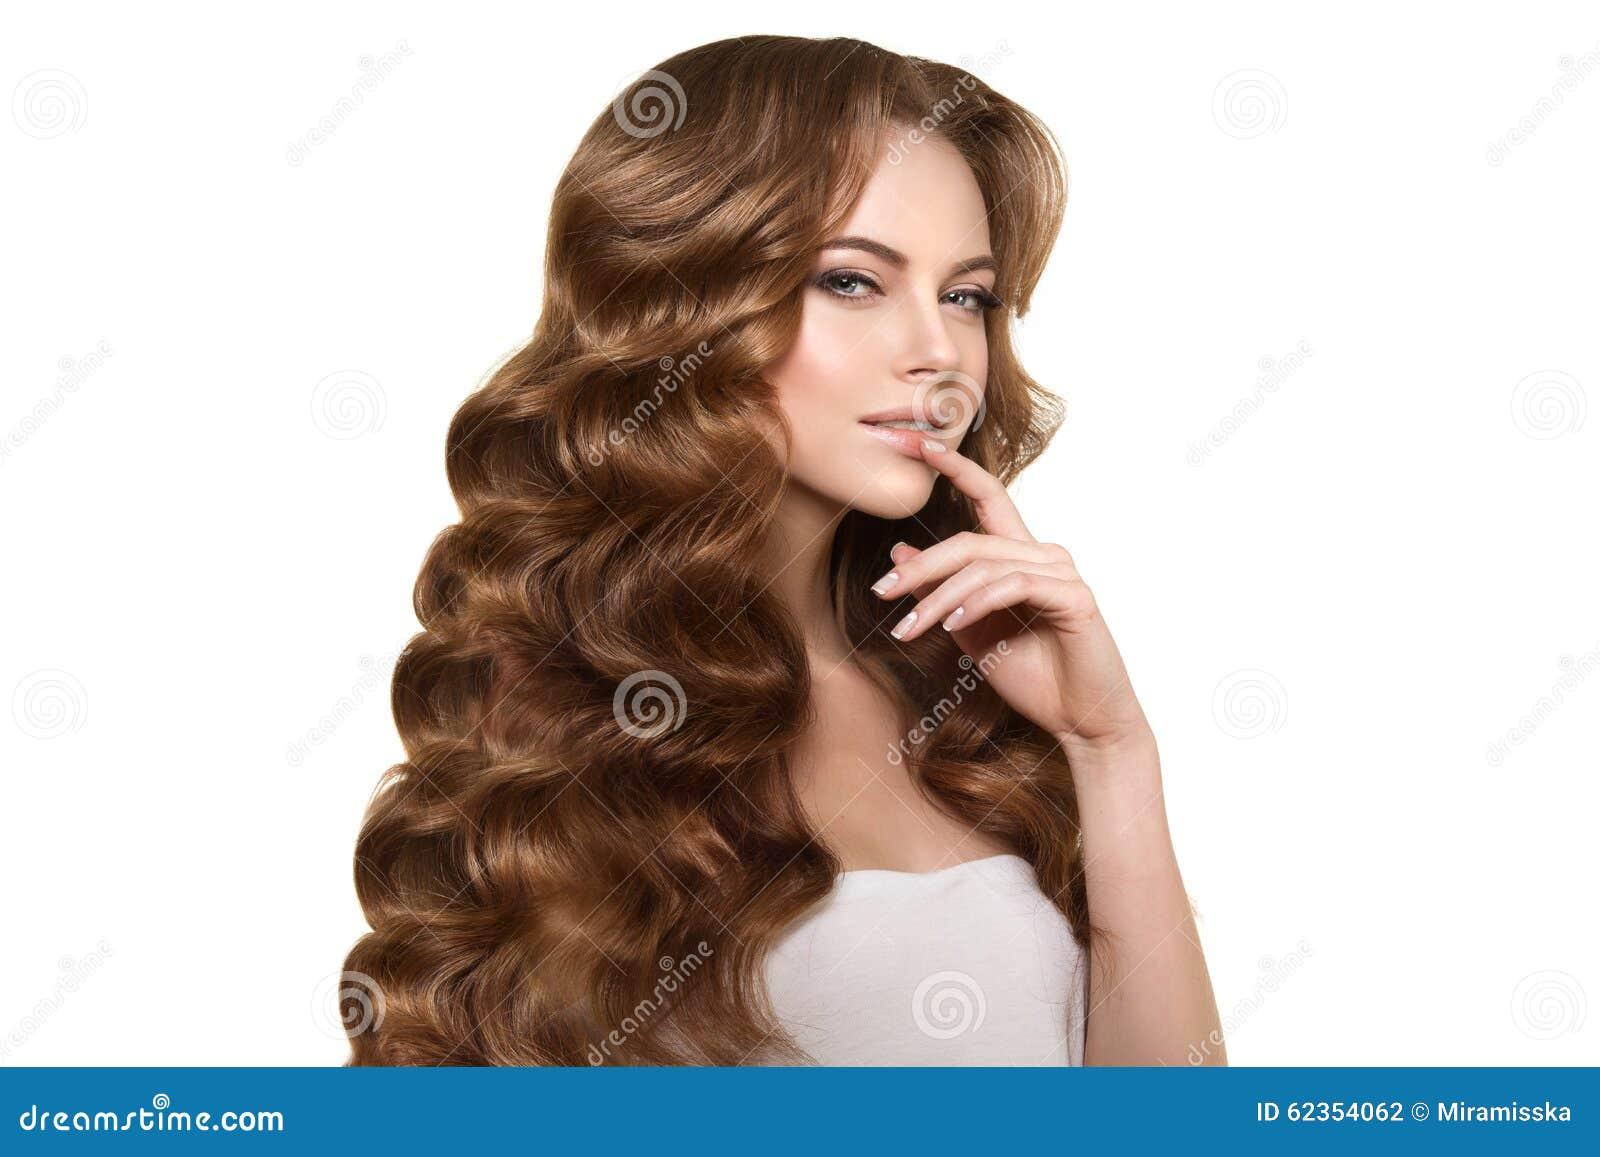 Long Cheveu Coiffure De Boucles De Vagues Salon De Coiffure Updo ...